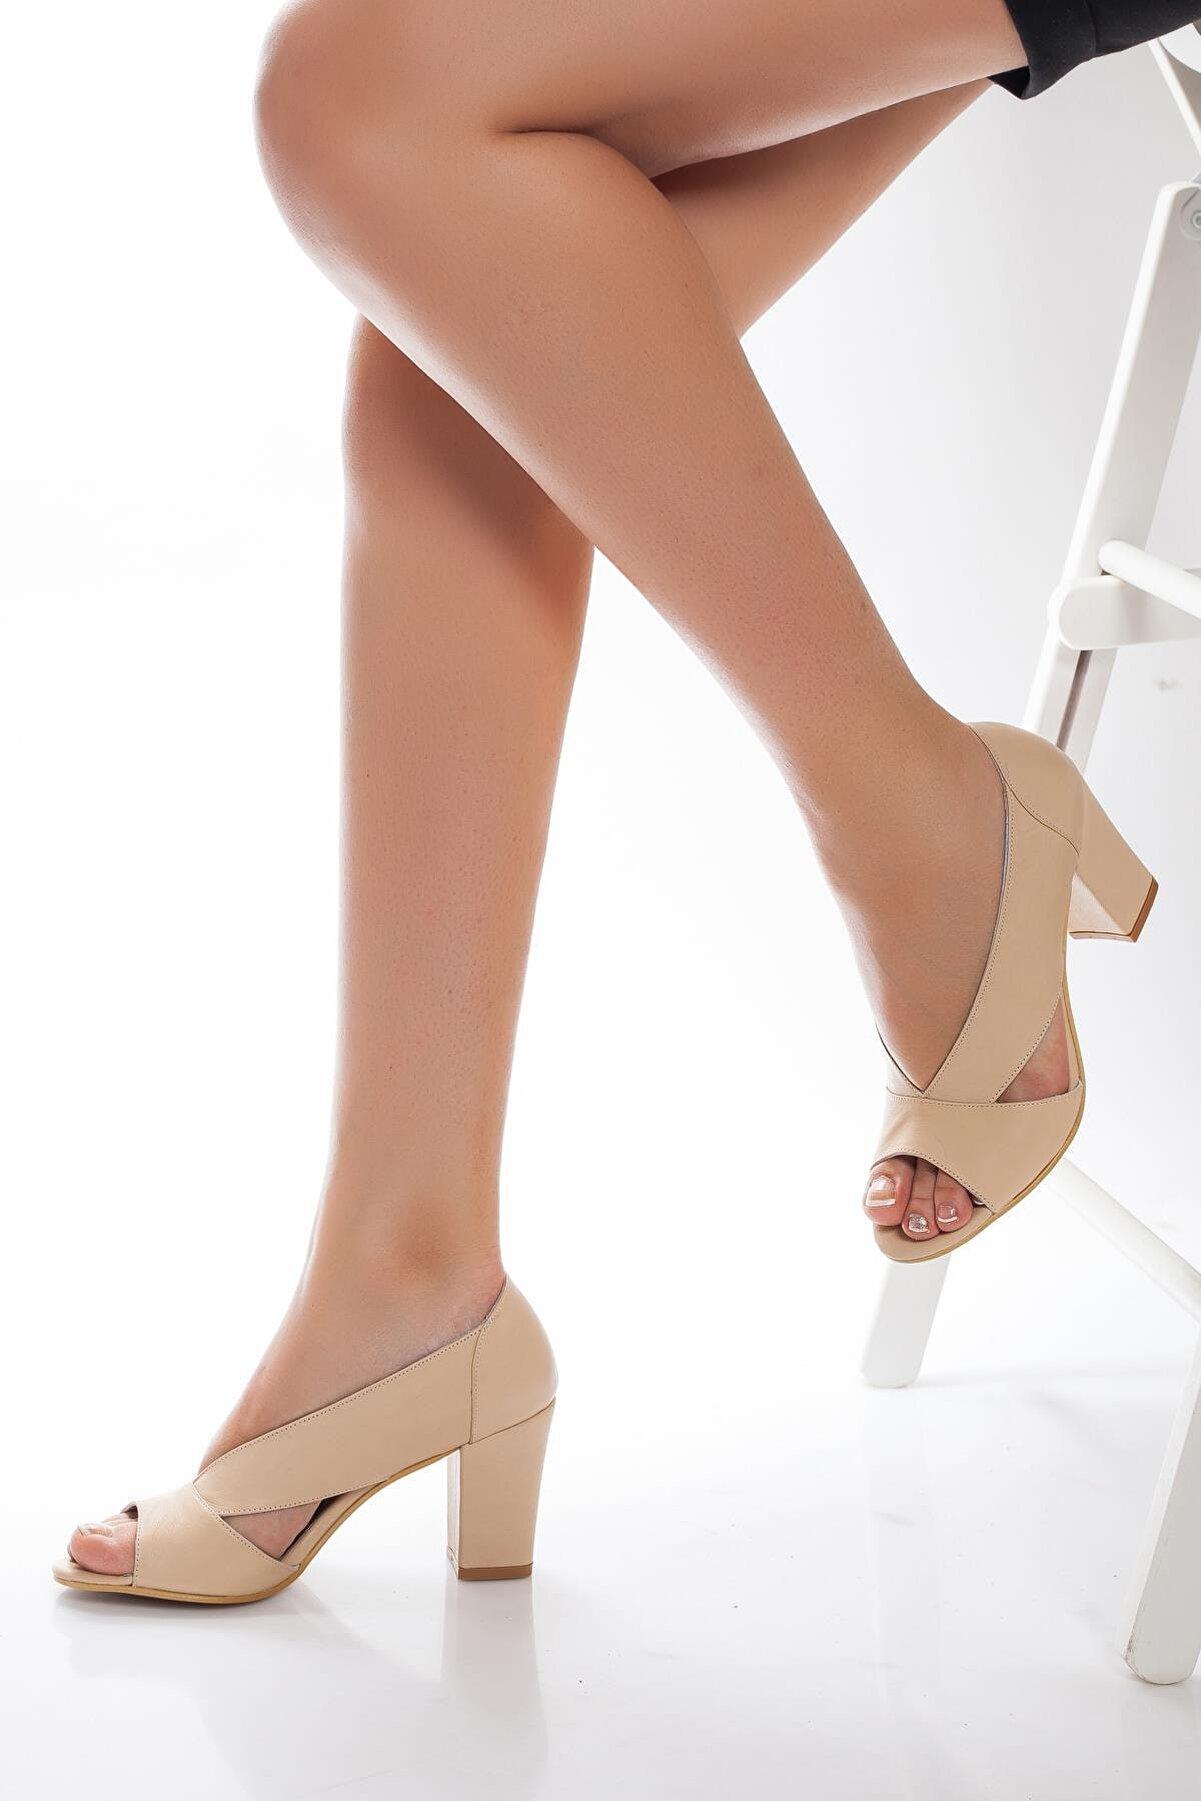 Deripabuc Hakiki Deri Bej Kadın Topuklu Deri Ayakkabı Shn-0072